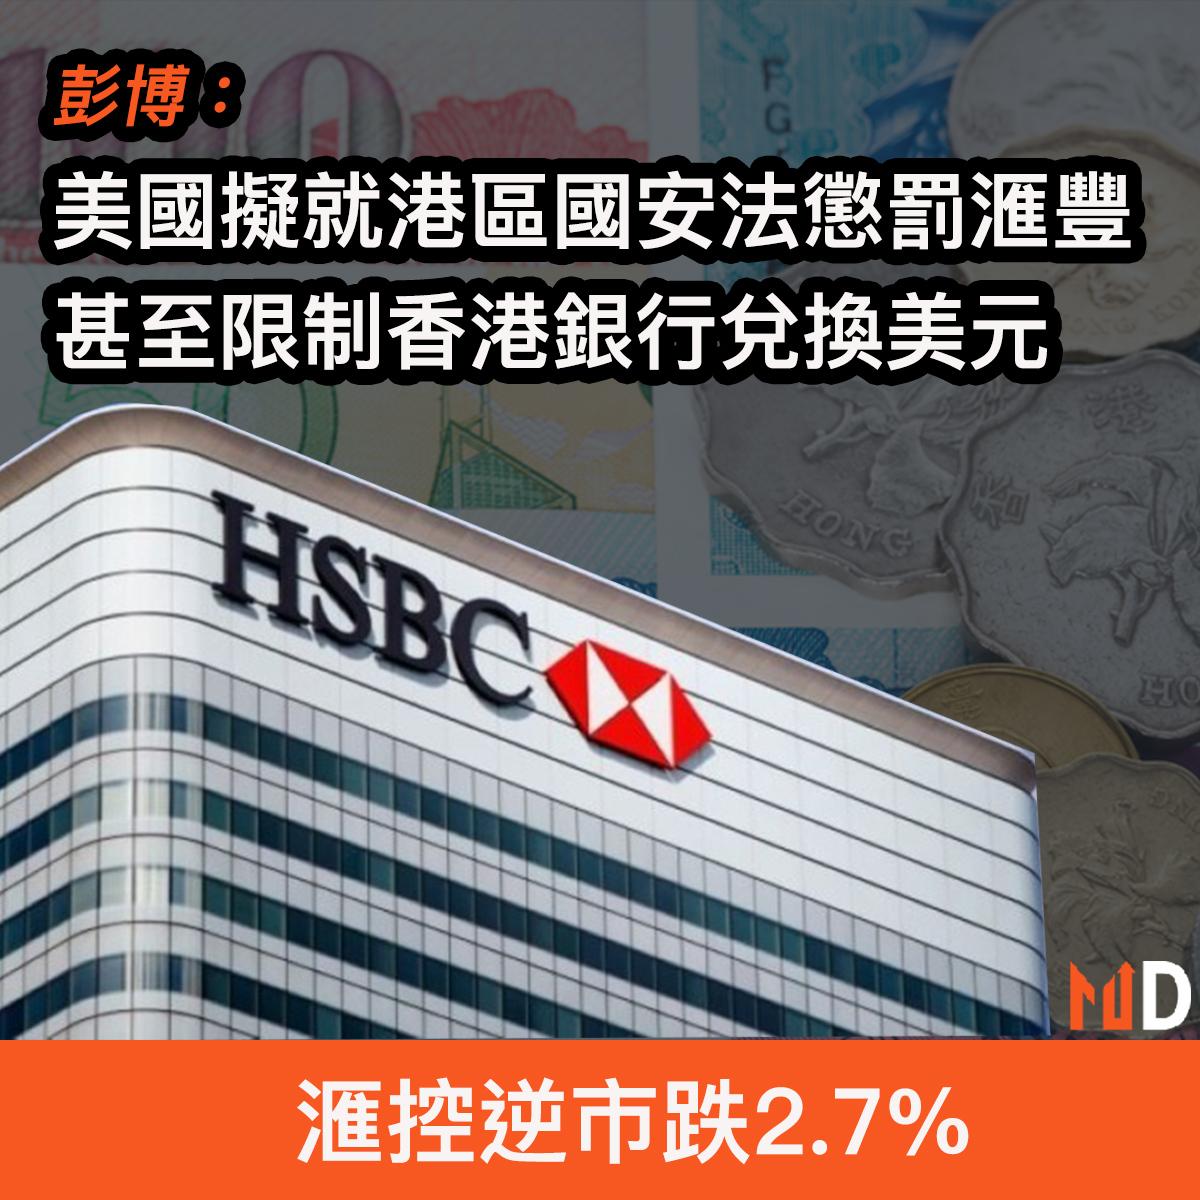 【市場熱話】彭博:美國擬就港區國安法懲罰滙豐,甚至限制本港銀行兌換美元